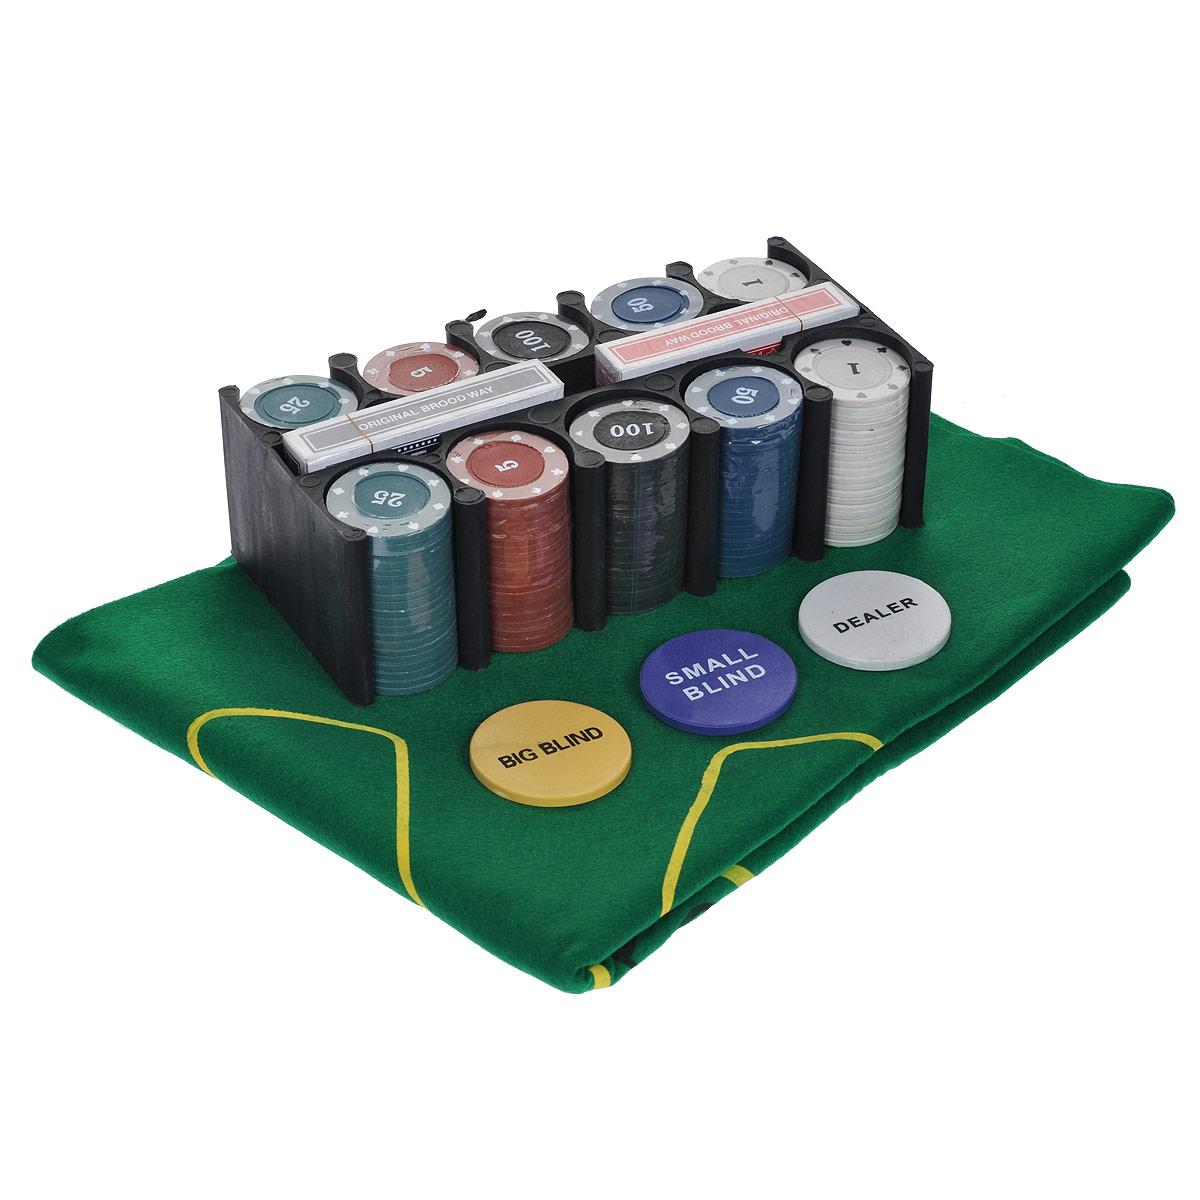 Набор для покера Компания Игра Металл. банка для покера Техас Холдем(2х54л.(карты Китай)+200 ф. по 4г с номин.+сукно+3 ф.дилера) ГД2к черный, зеленый фишки для покера с номиналом 11 5 г 25 штук